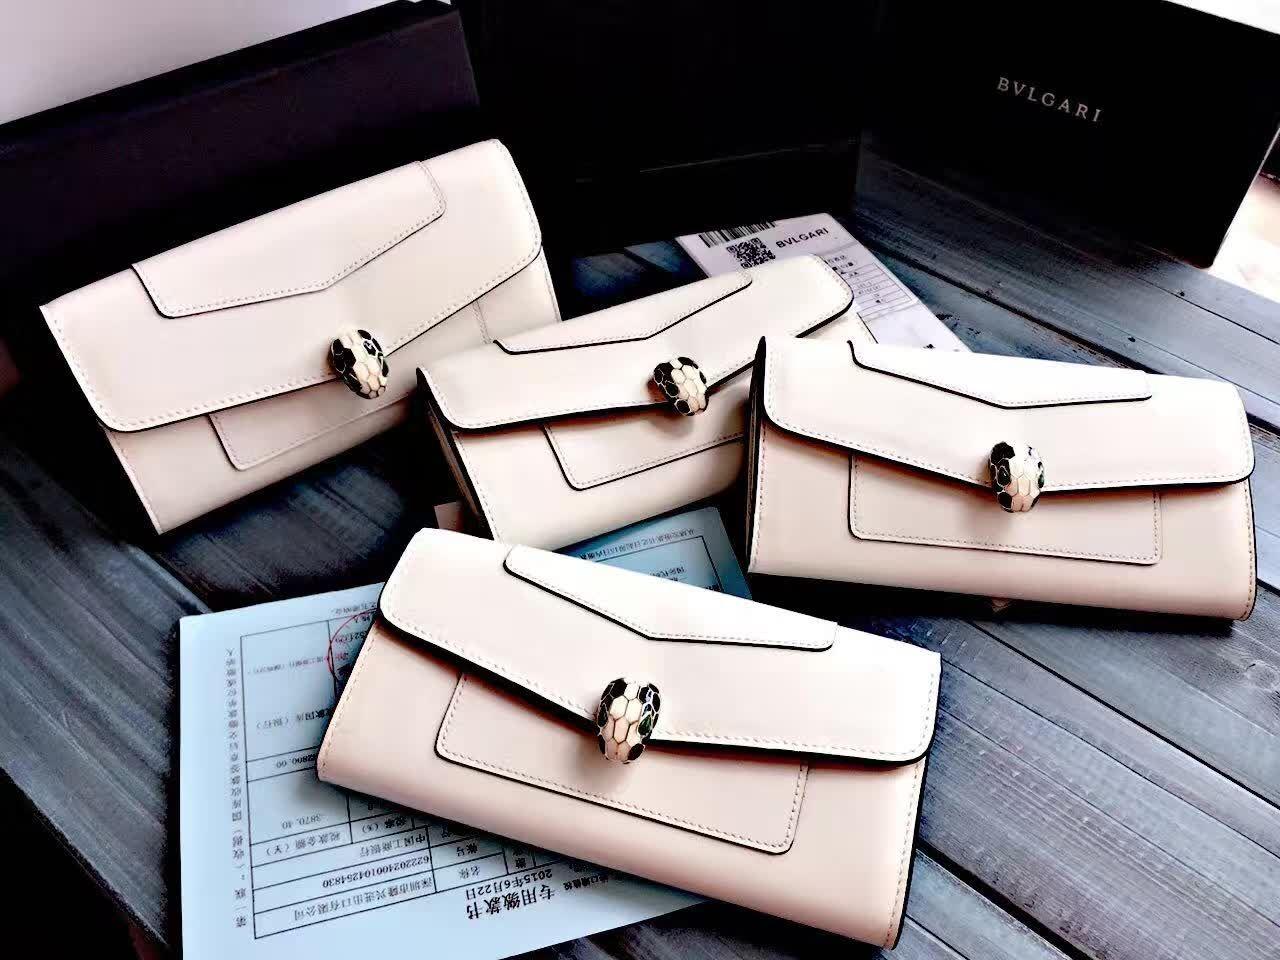 bvlgari Wallet, ID : 65495(FORSALE:a@yybags.com), bvlgari shopping bag, bulgari mens laptop briefcase, bulgari designer handbag sale, bulgari male wallets, bulgari backpack brands, bulgari small tote, bulgari man's briefcase, bulgari unique backpacks, bulgari travelpack, bulgari lawyer briefcase, bulgari vintage handbags #bvlgariWallet #bvlgari #bulgari #beautiful #handbags